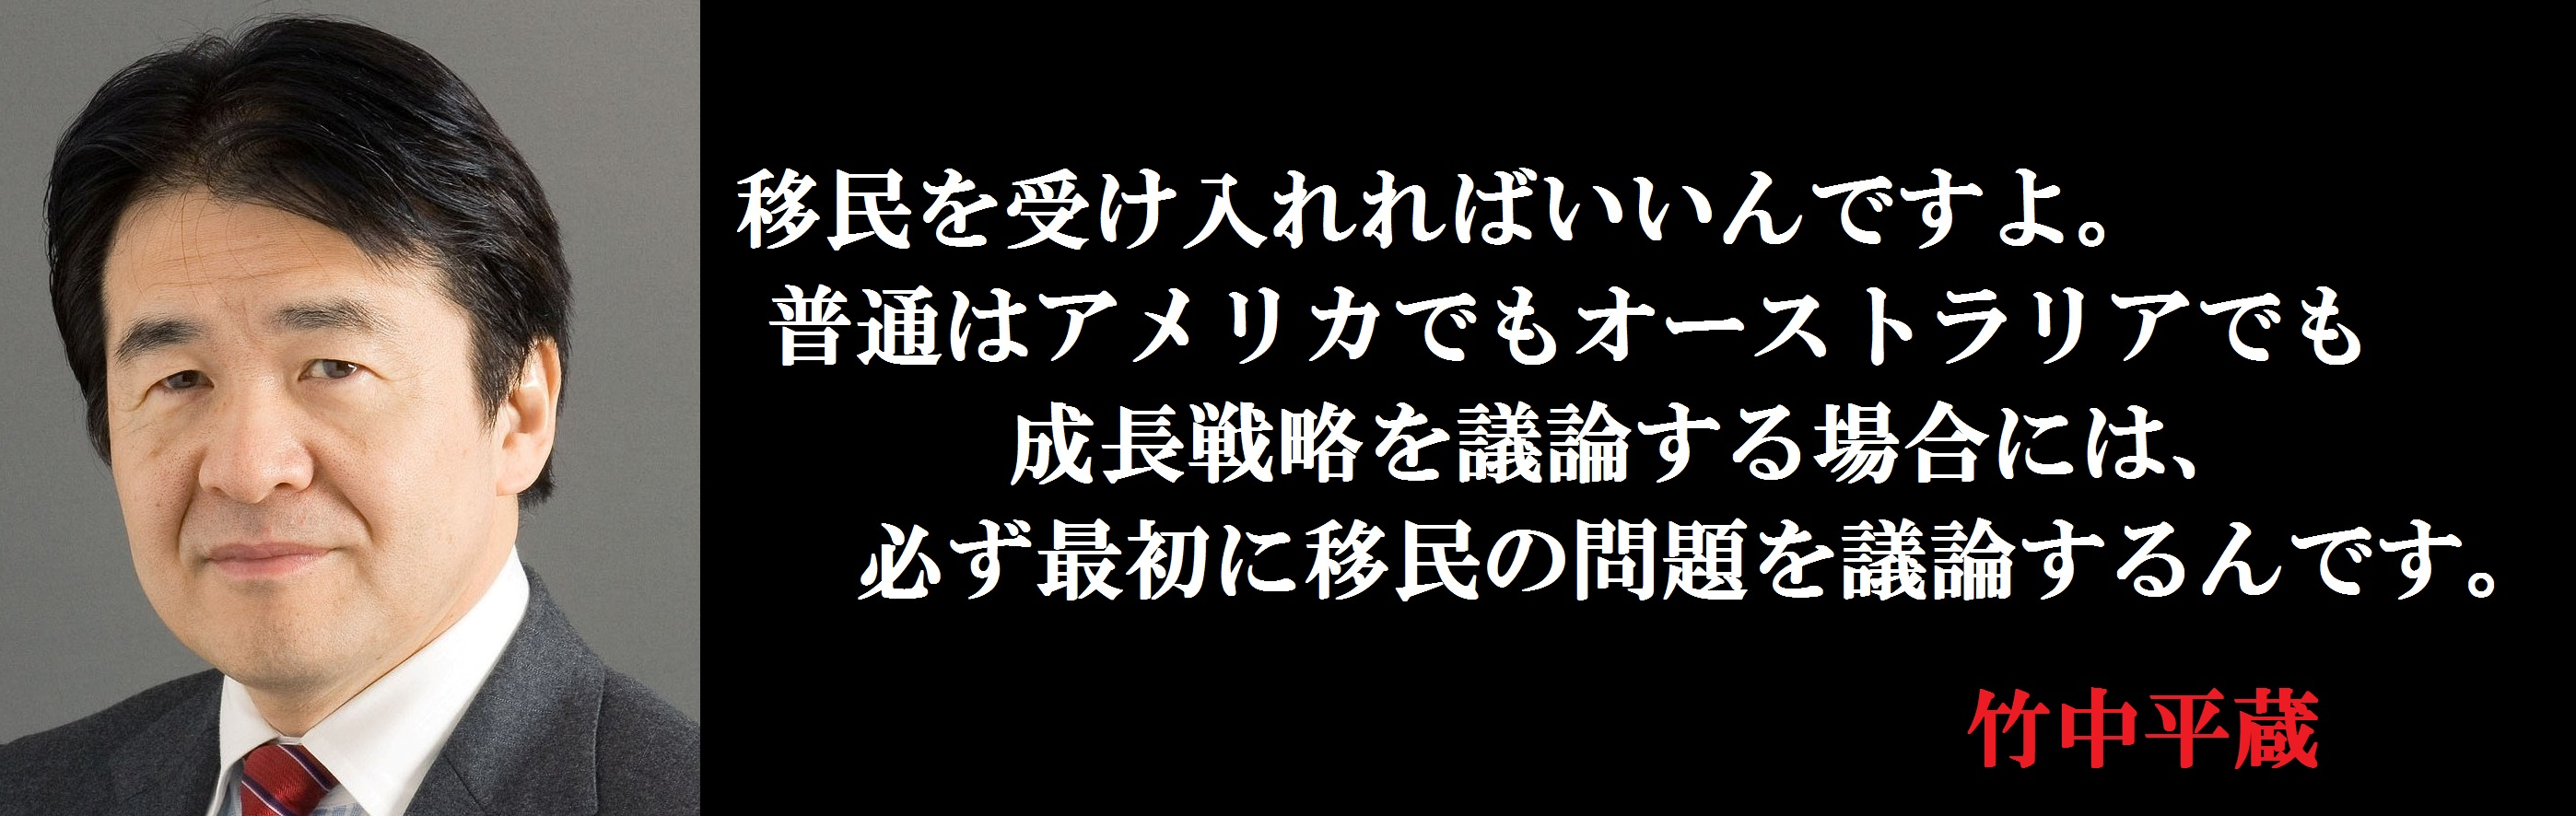 f:id:JAPbuster:20160911141111j:plain